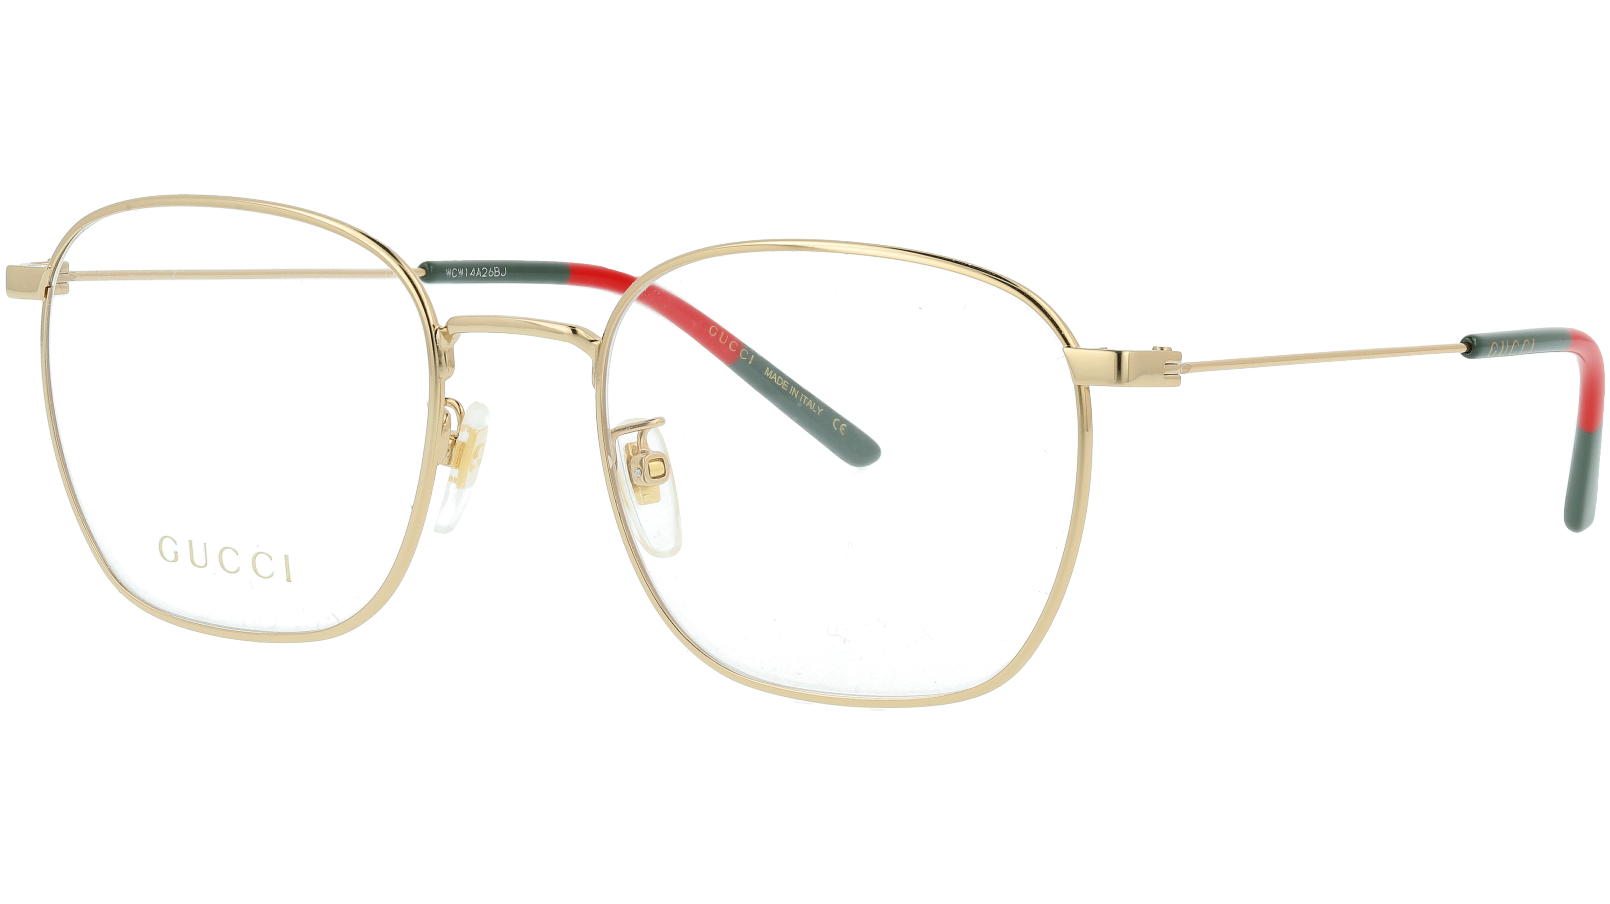 Gucci GG0681O 001 54 Gold Square Glasses